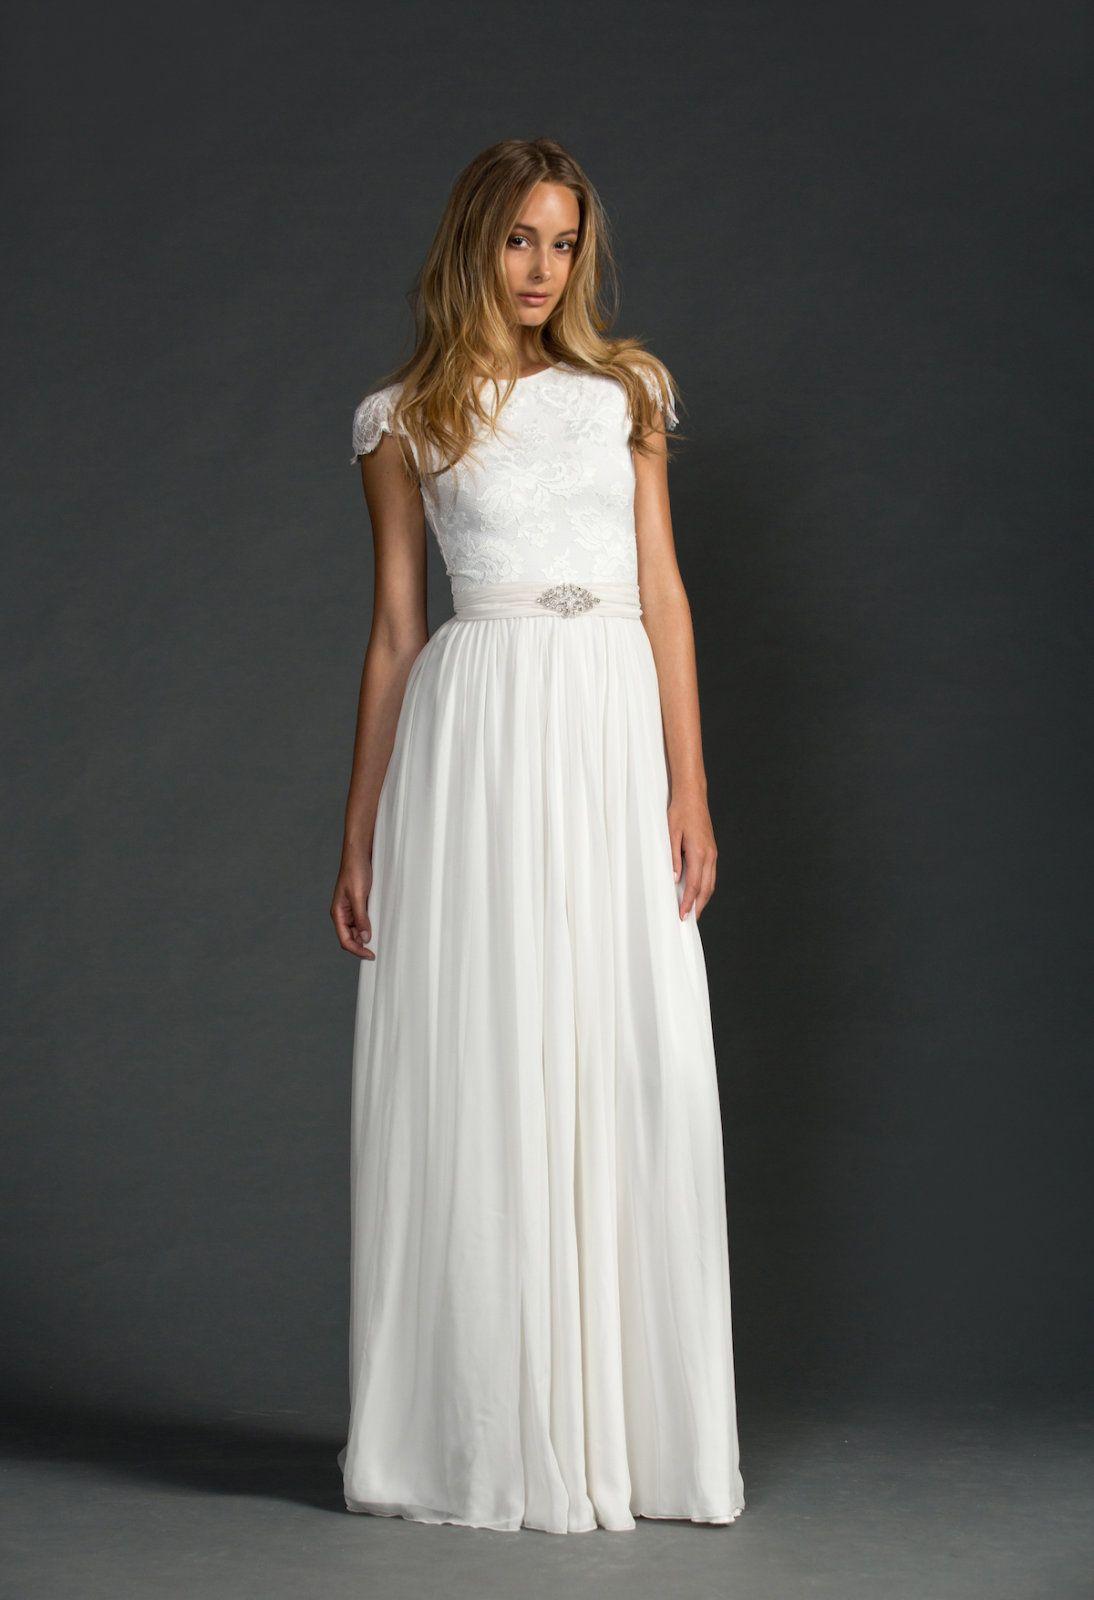 Ariel grace loves lace dresses for susan pinterest ariel